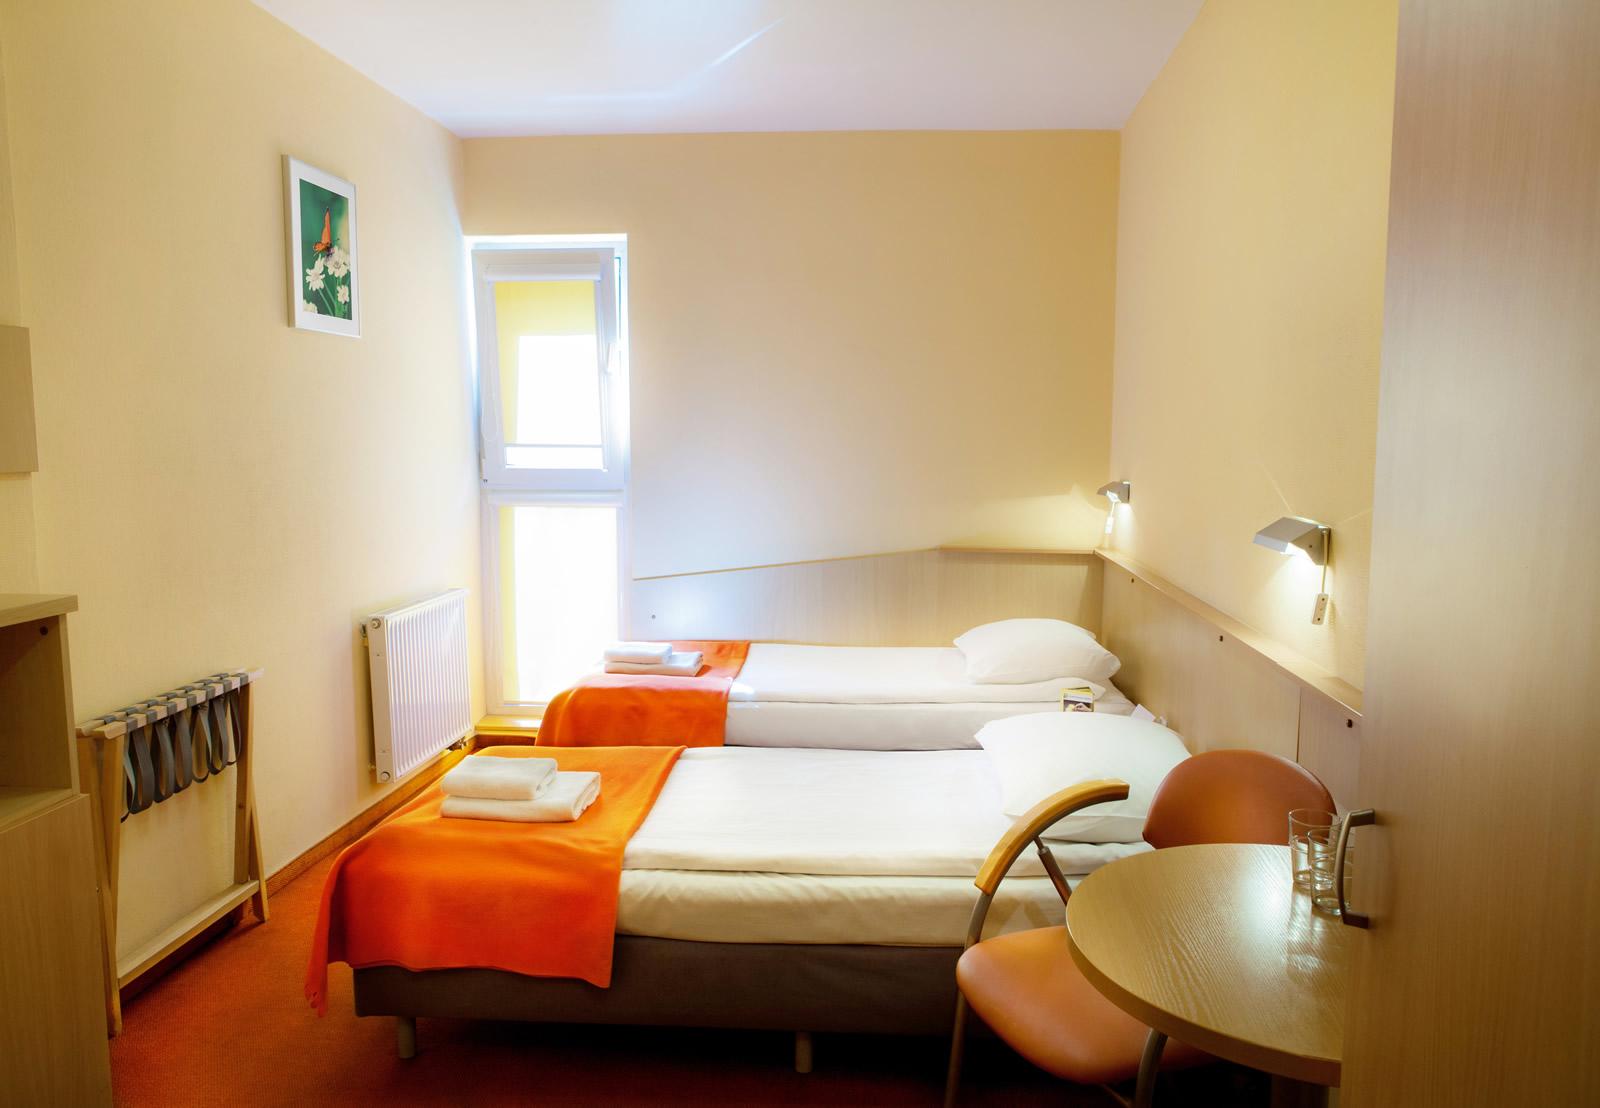 krakk__hotel1.jpg